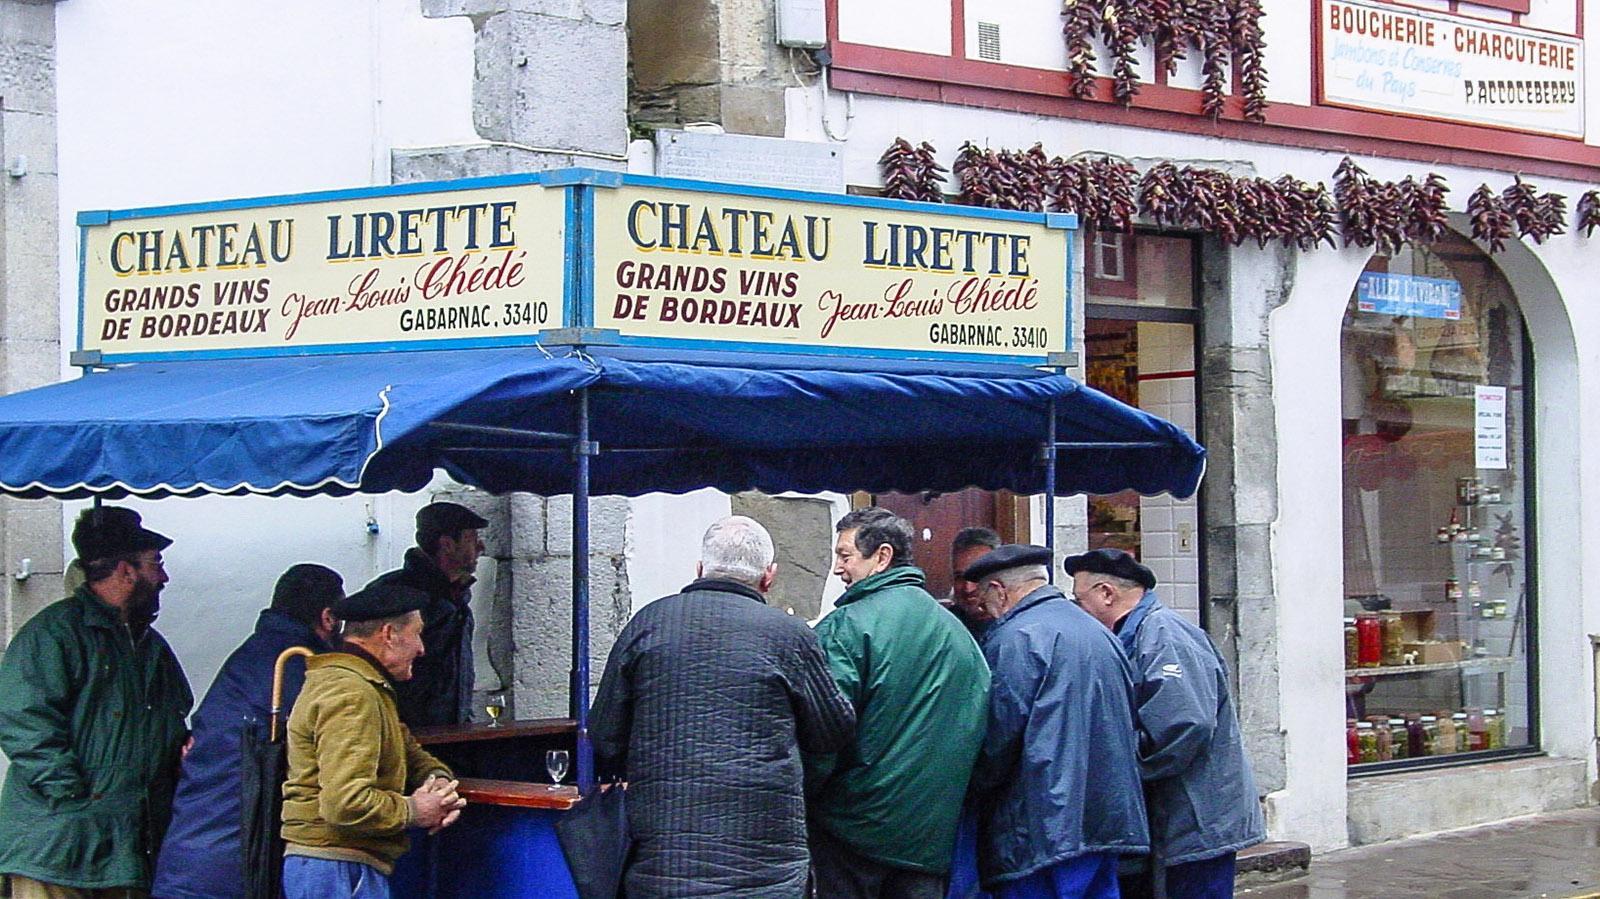 Ein Weinstand gehört zur Fête de Pottok am vierten Dienstag im Januar in Espelette einfach dazu. Foto: Hilke Maunder